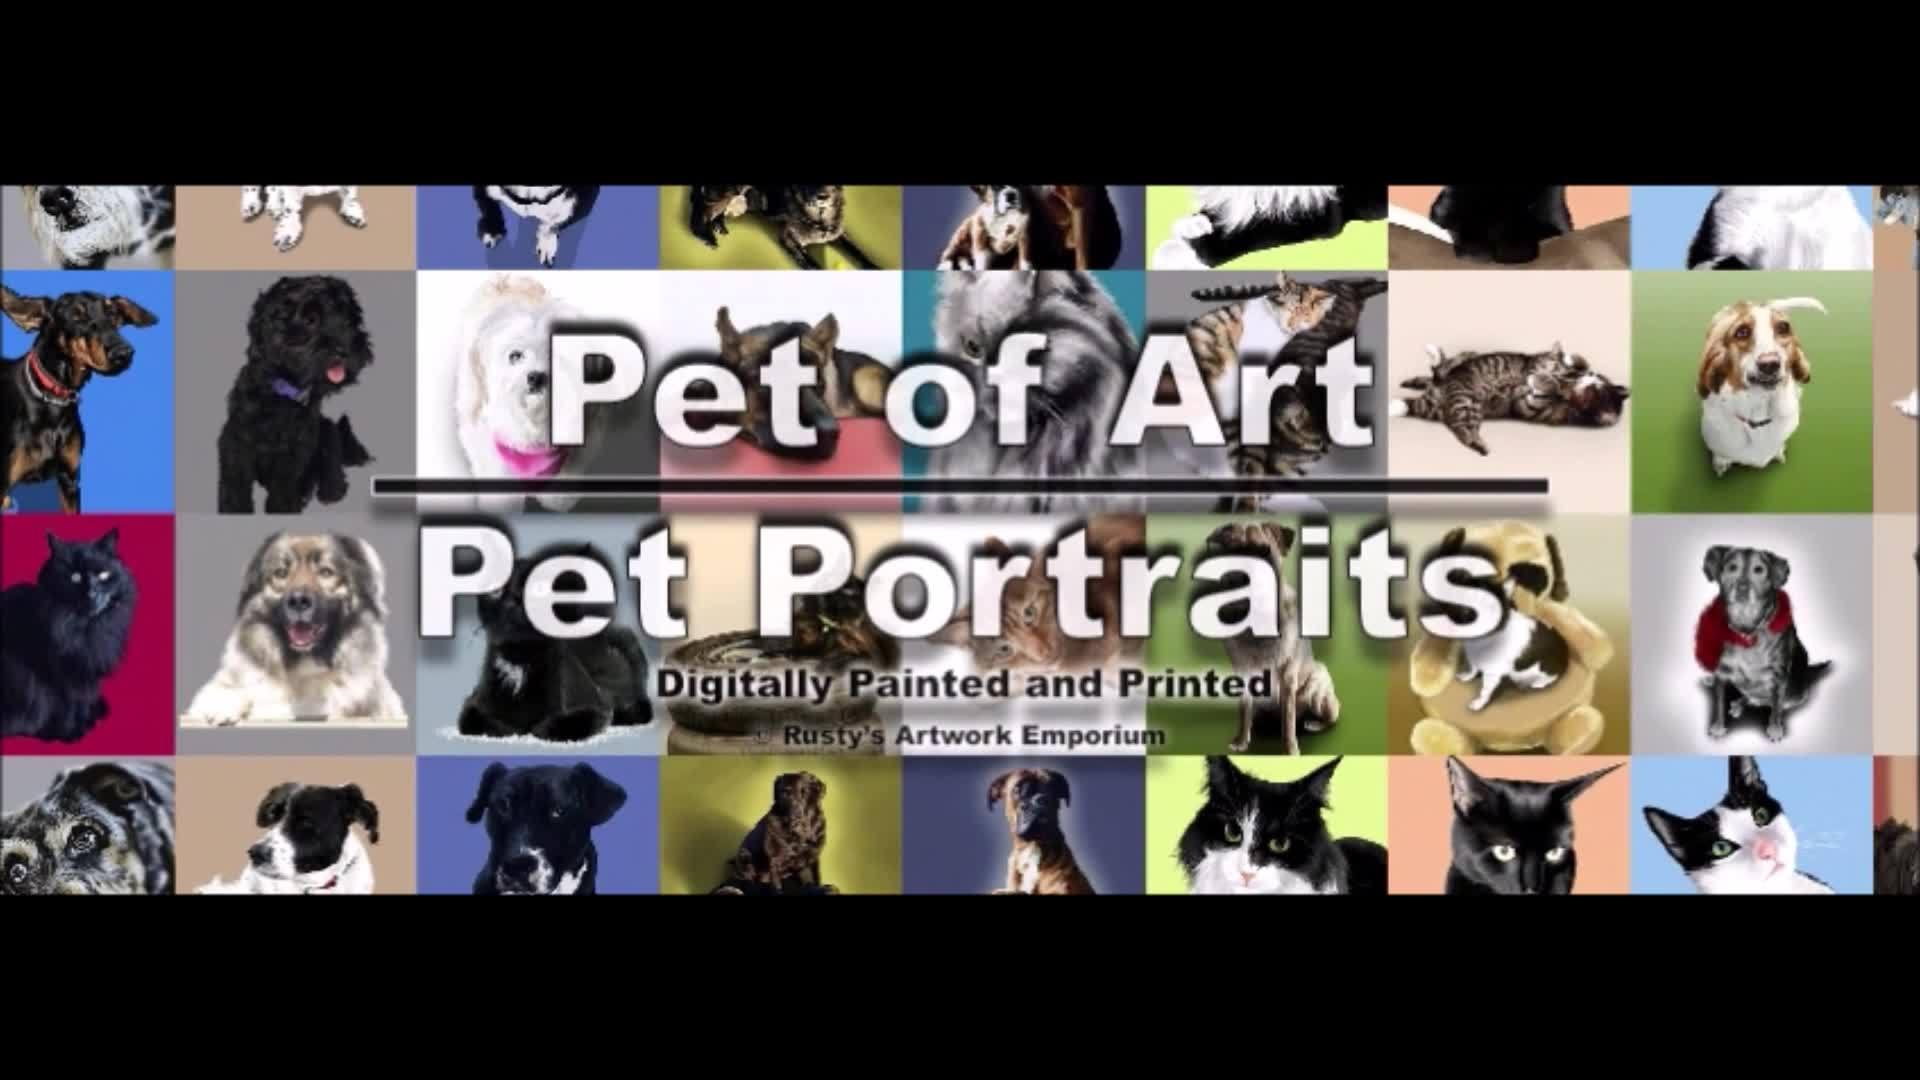 Pet of Art - Pet Portraits